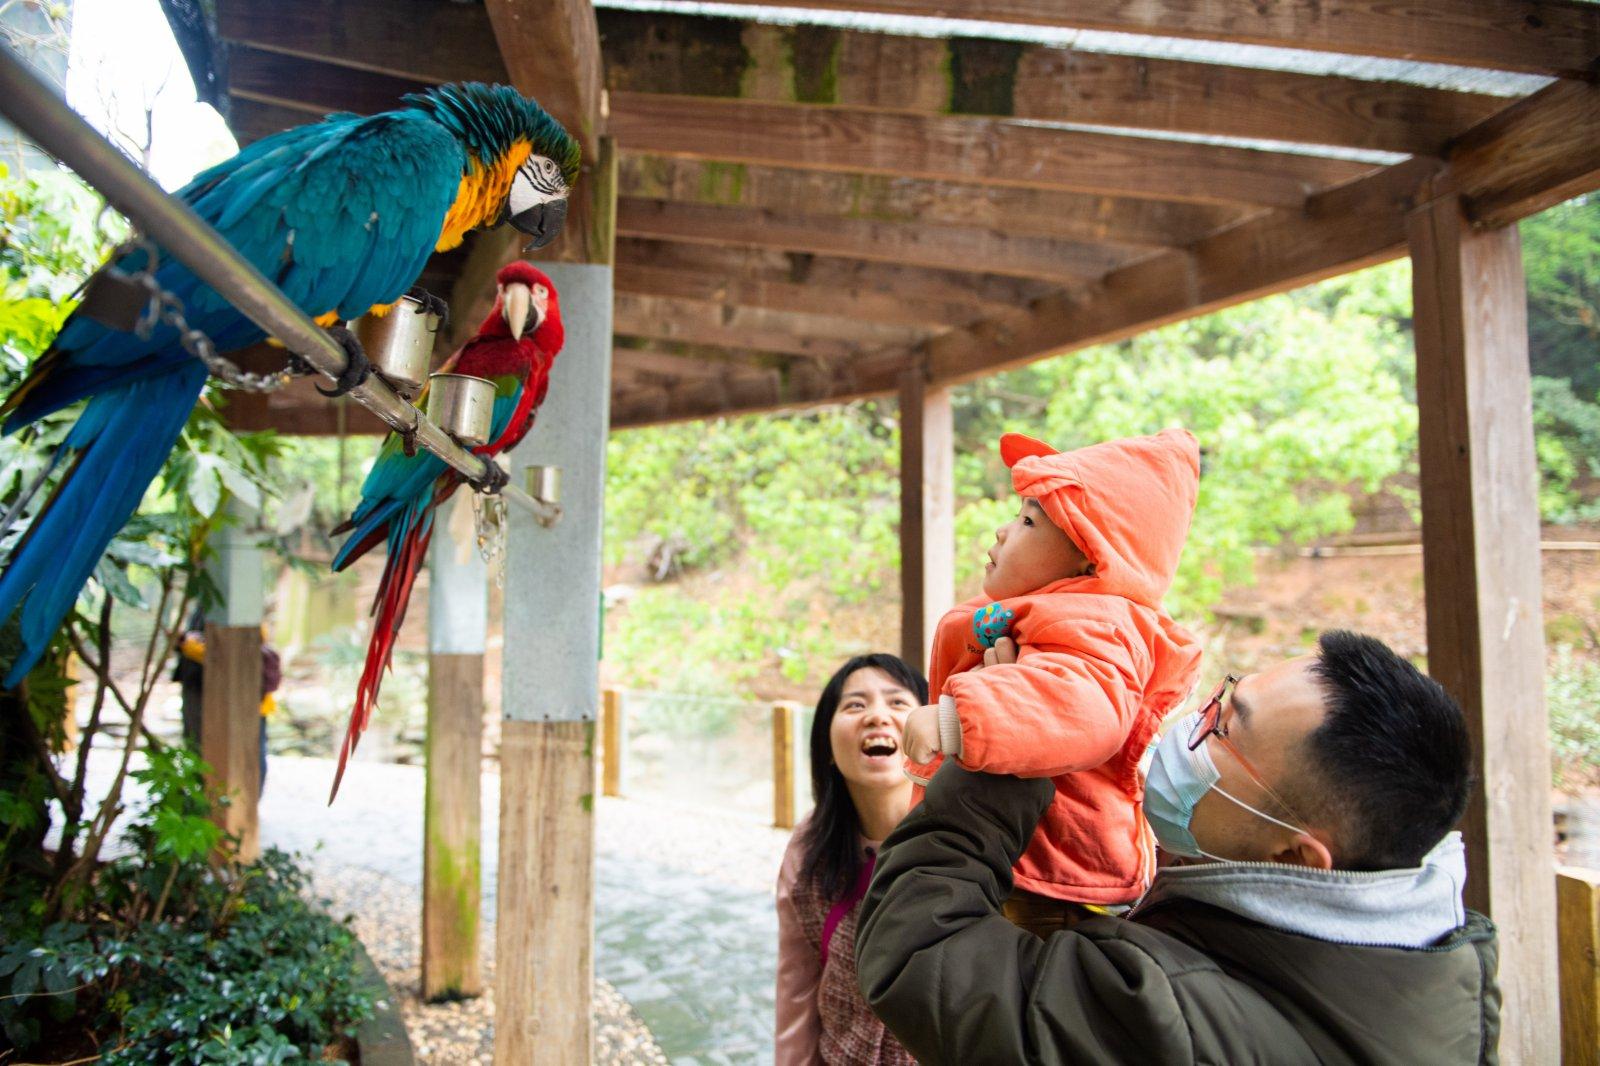 4月3日,遊客在長沙生態動物園和鸚鵡互動。(新華社)